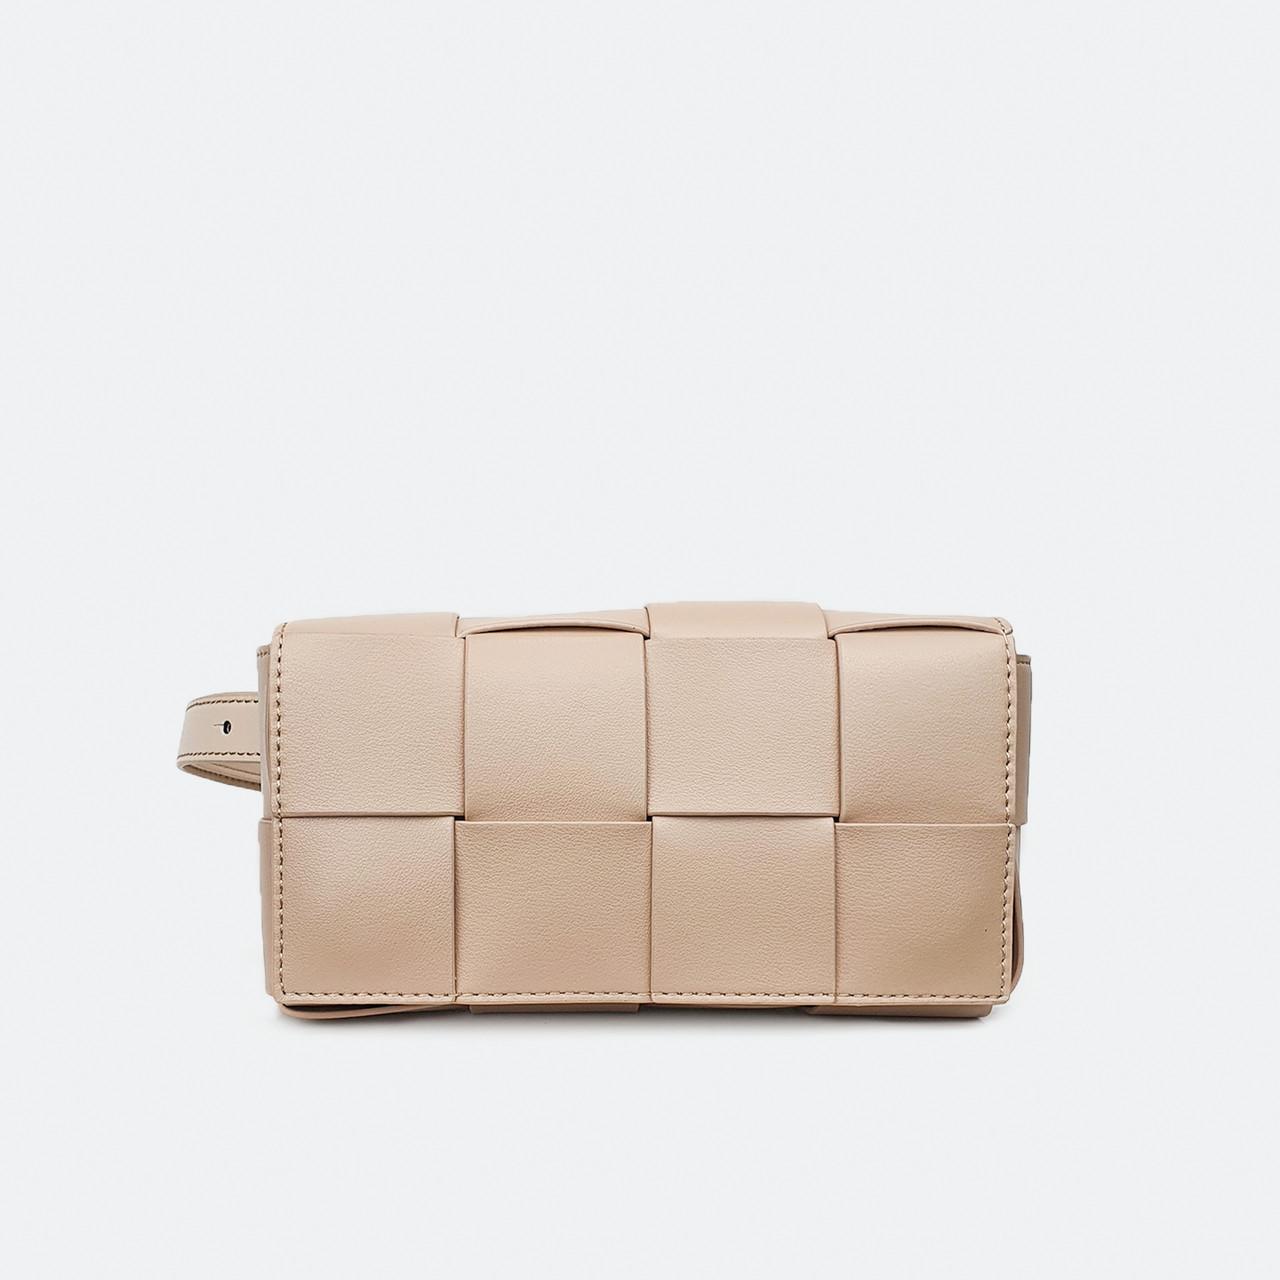 Бежевая сумка на пояс маленькая Fashion 321BV